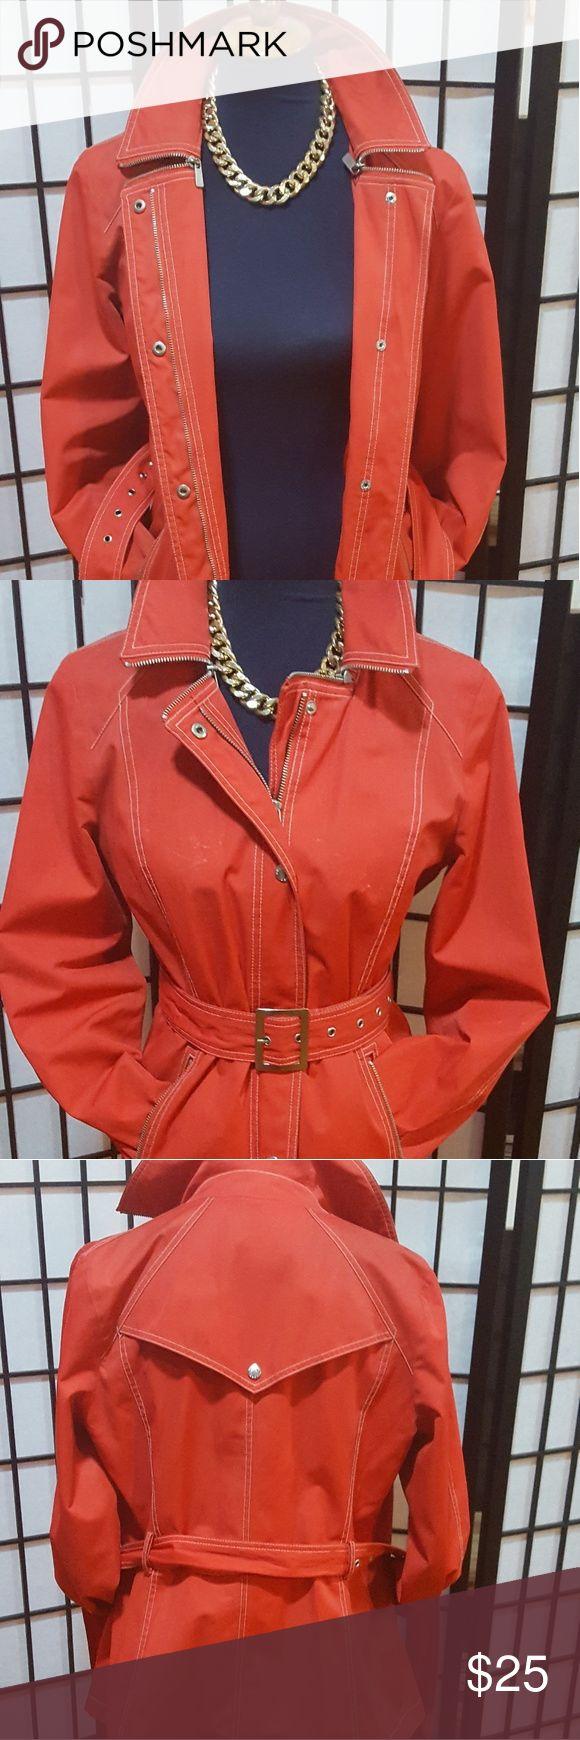 Raincoat Red stylish raincoat with belt. Michael Kors size medium Jackets & Coats